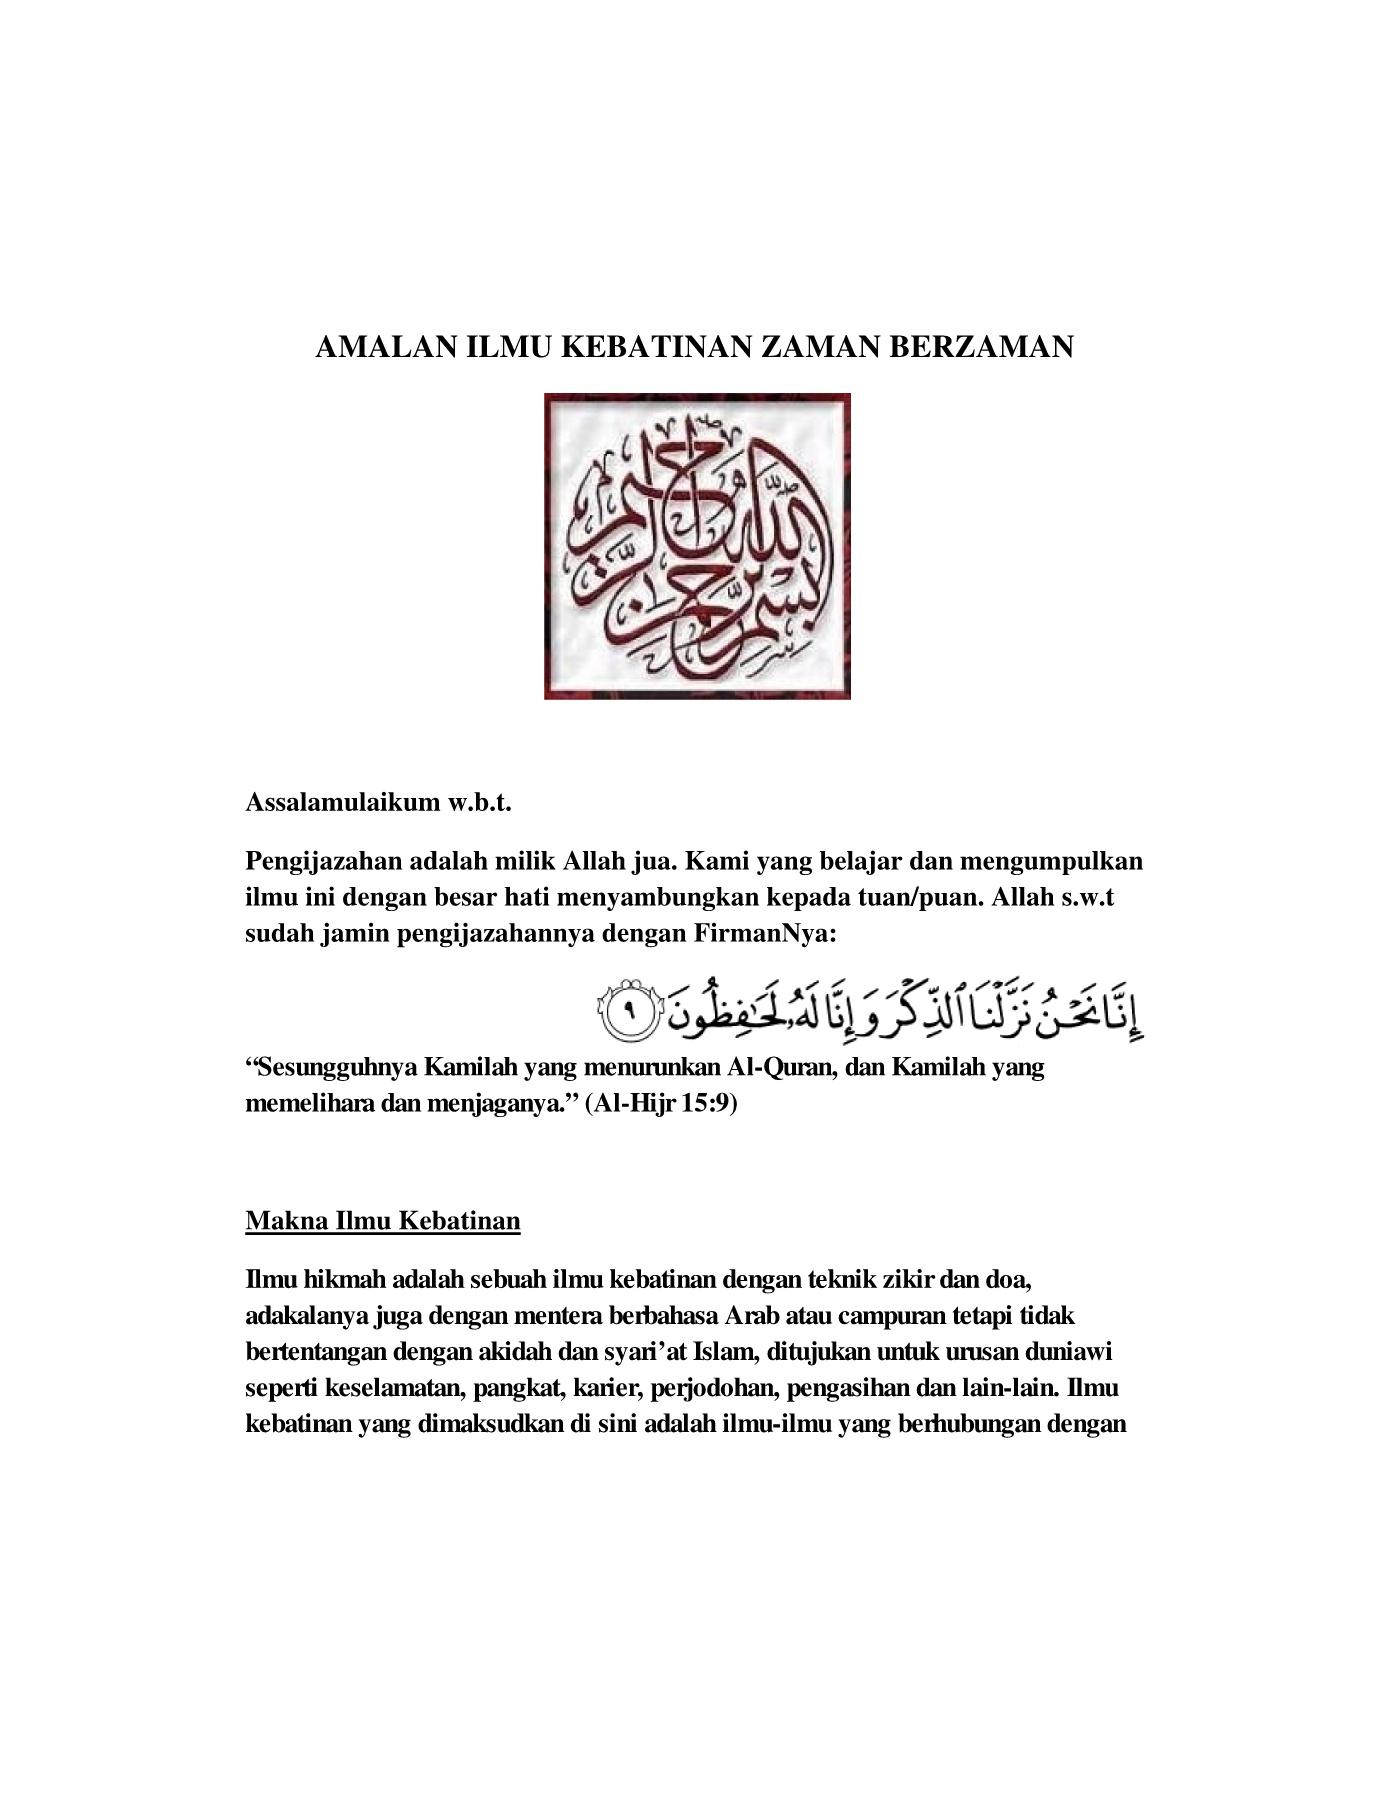 Tulisan Arab Laa Haula Walaa Quwwata Illa Billahil �aliyyil �adziim : tulisan, haula, walaa, quwwata, billahil, �aliyyil, �adziim, Gambar, Tulisan, Lahaula, Walaquwwata, Illabillah